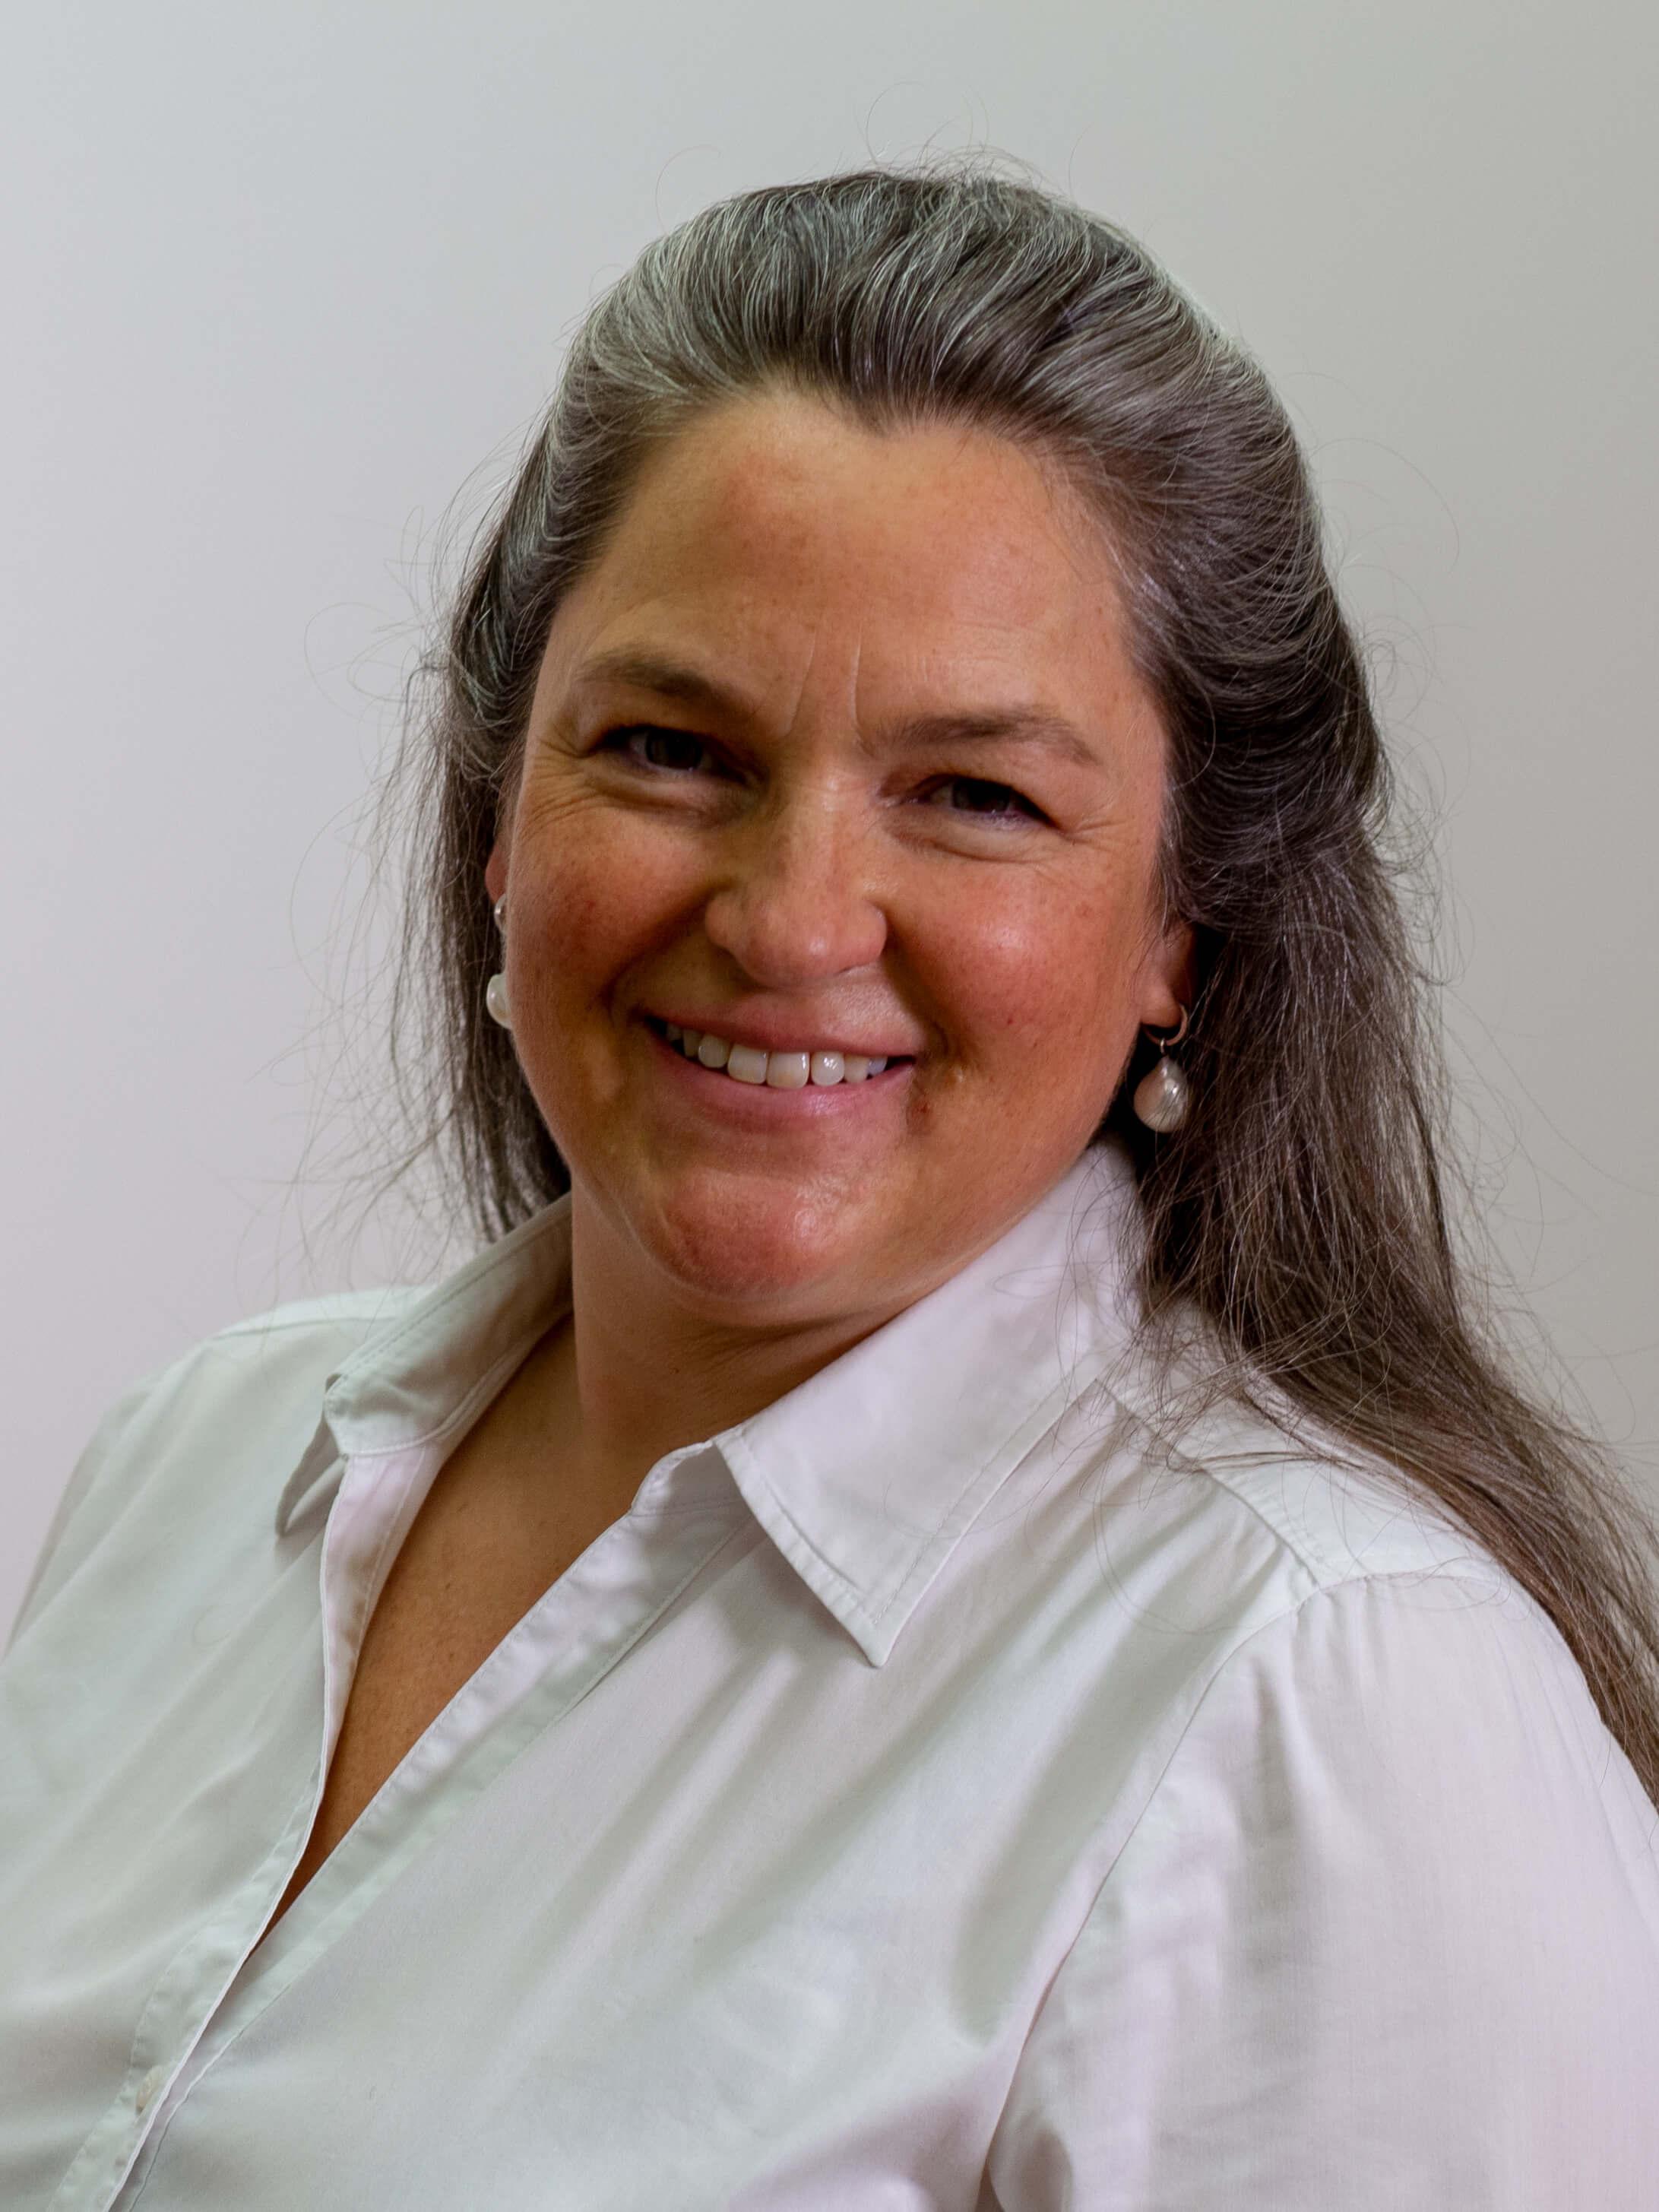 Maria Krummel-Watzak